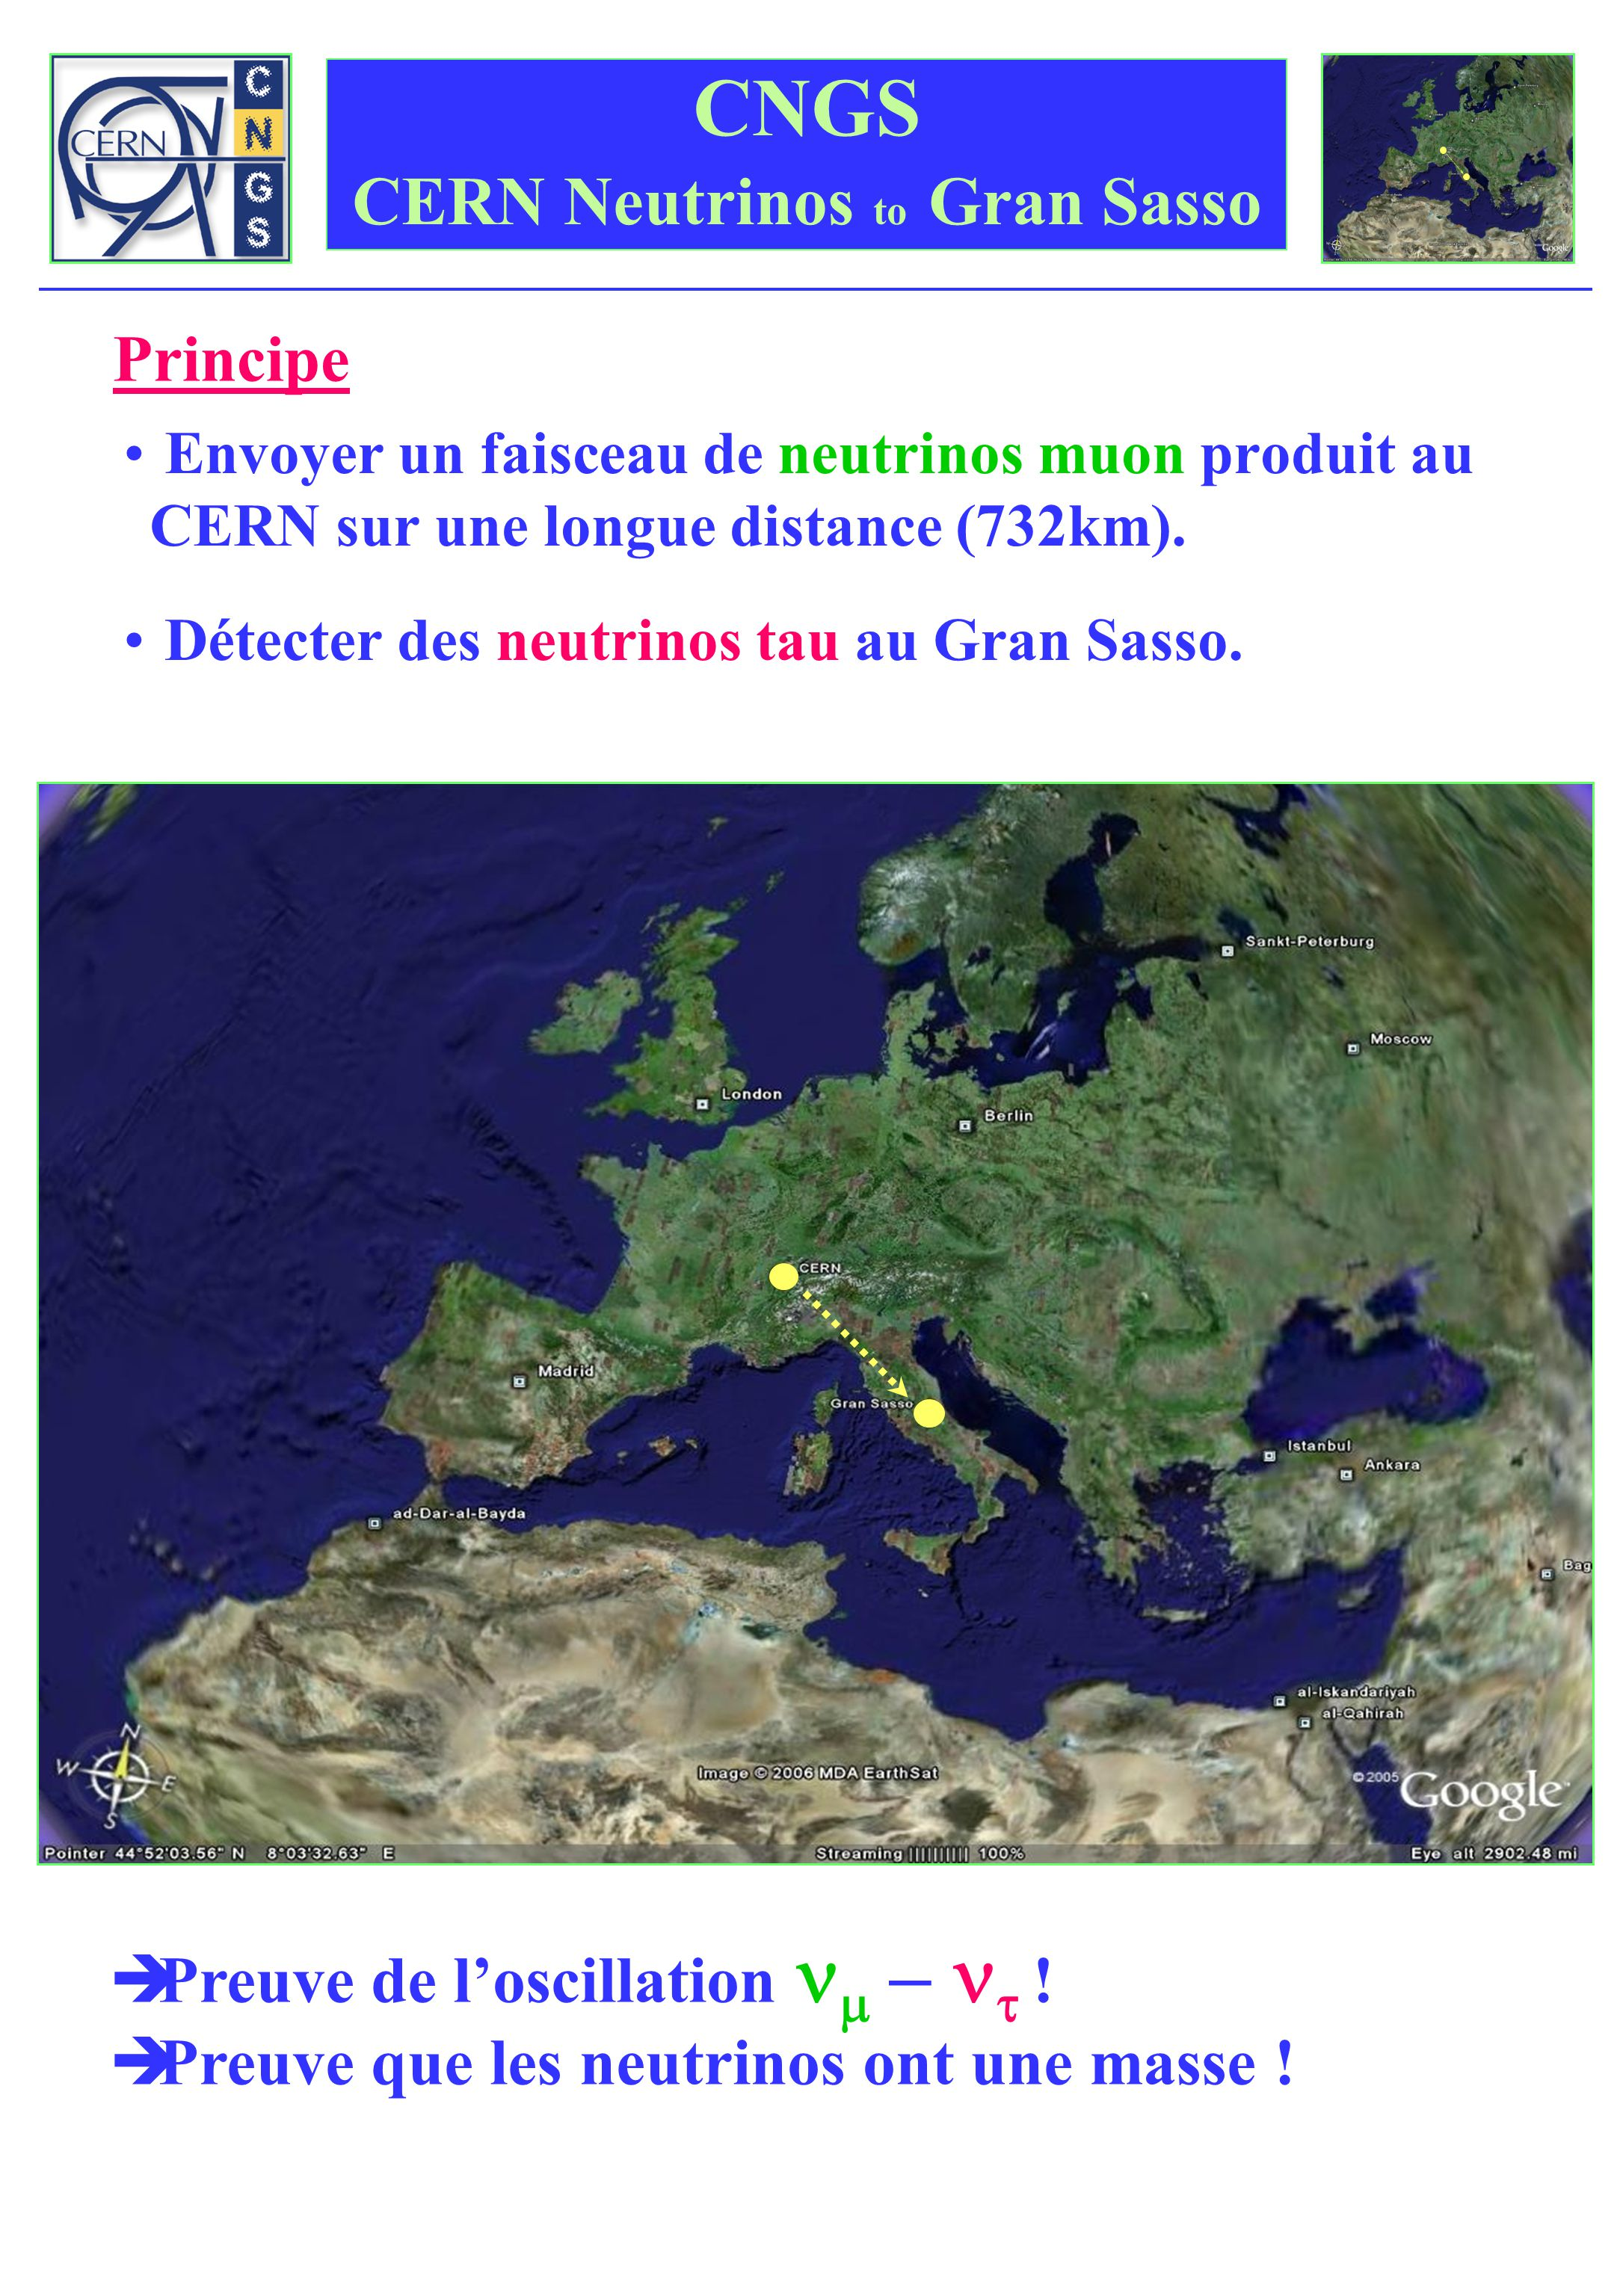 CNGS CERN Neutrinos to Gran Sasso